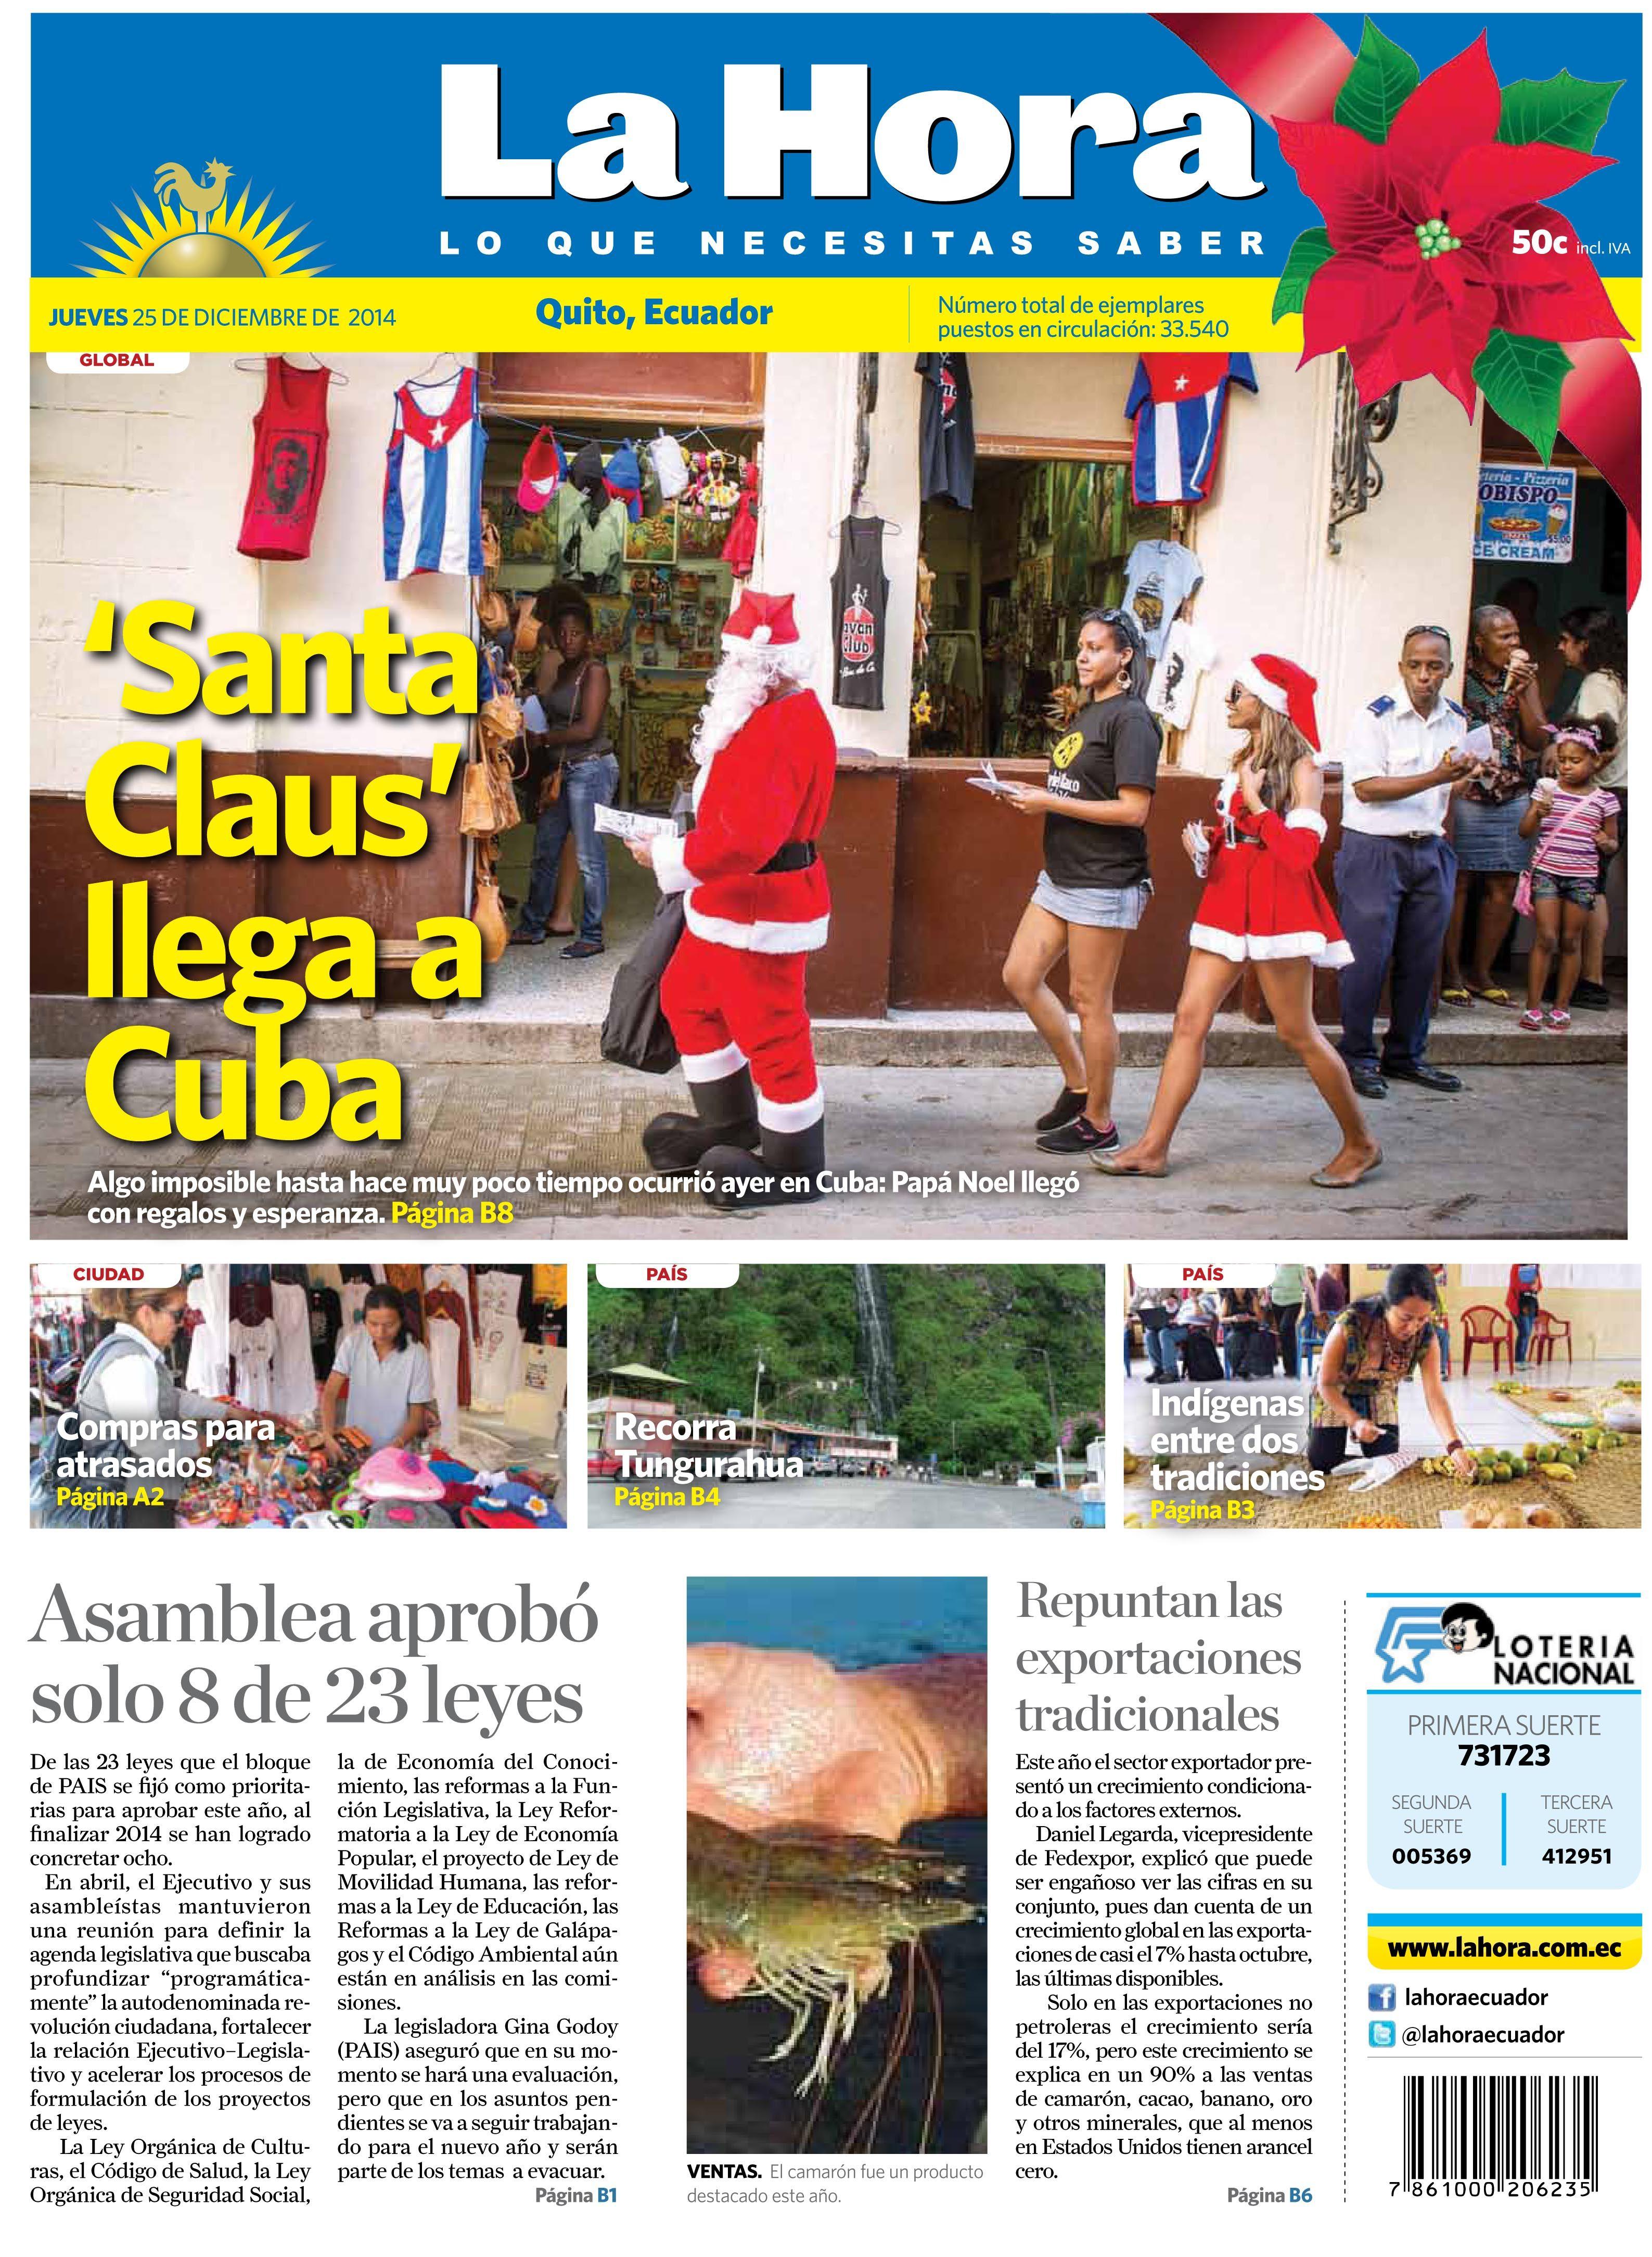 Los temas destacados de la jornada son: 'Santa Claus' llega a Cuba, Asamblea aprobó solo 8 de 23 leyes y Repuntan las exportaciones tradicionales.